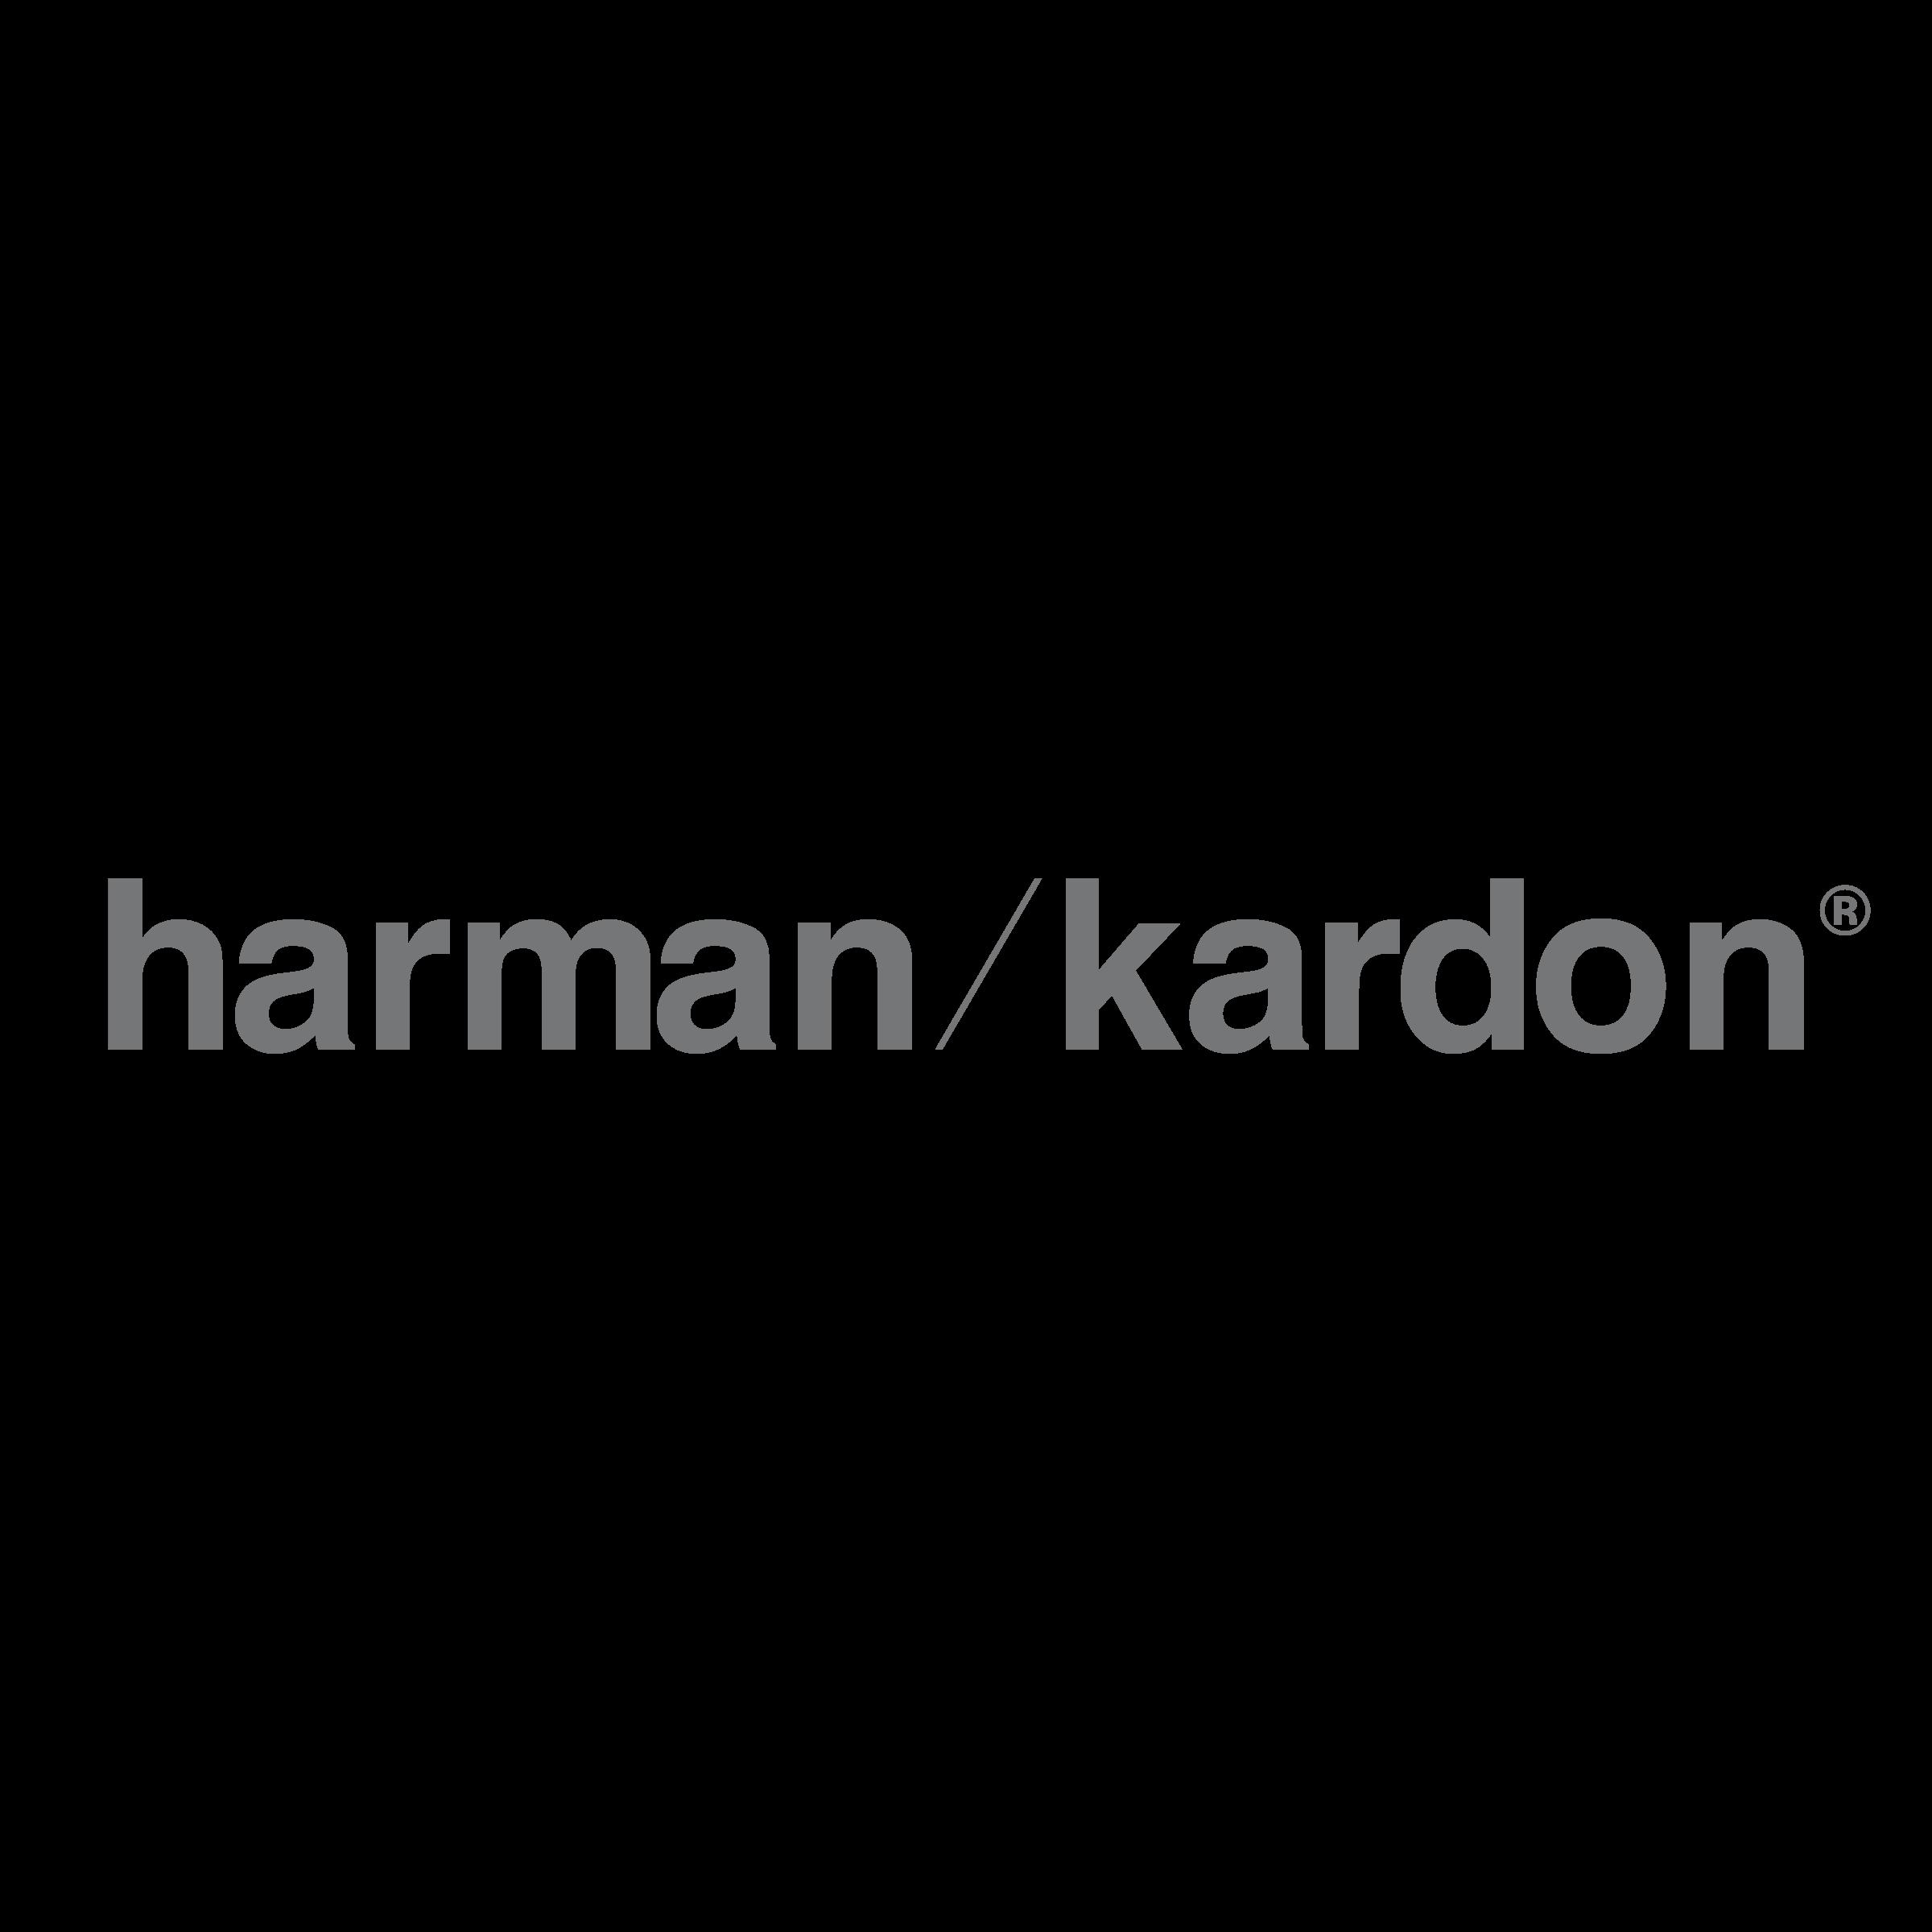 harman kardon Logo PNG Transparent & SVG Vector.